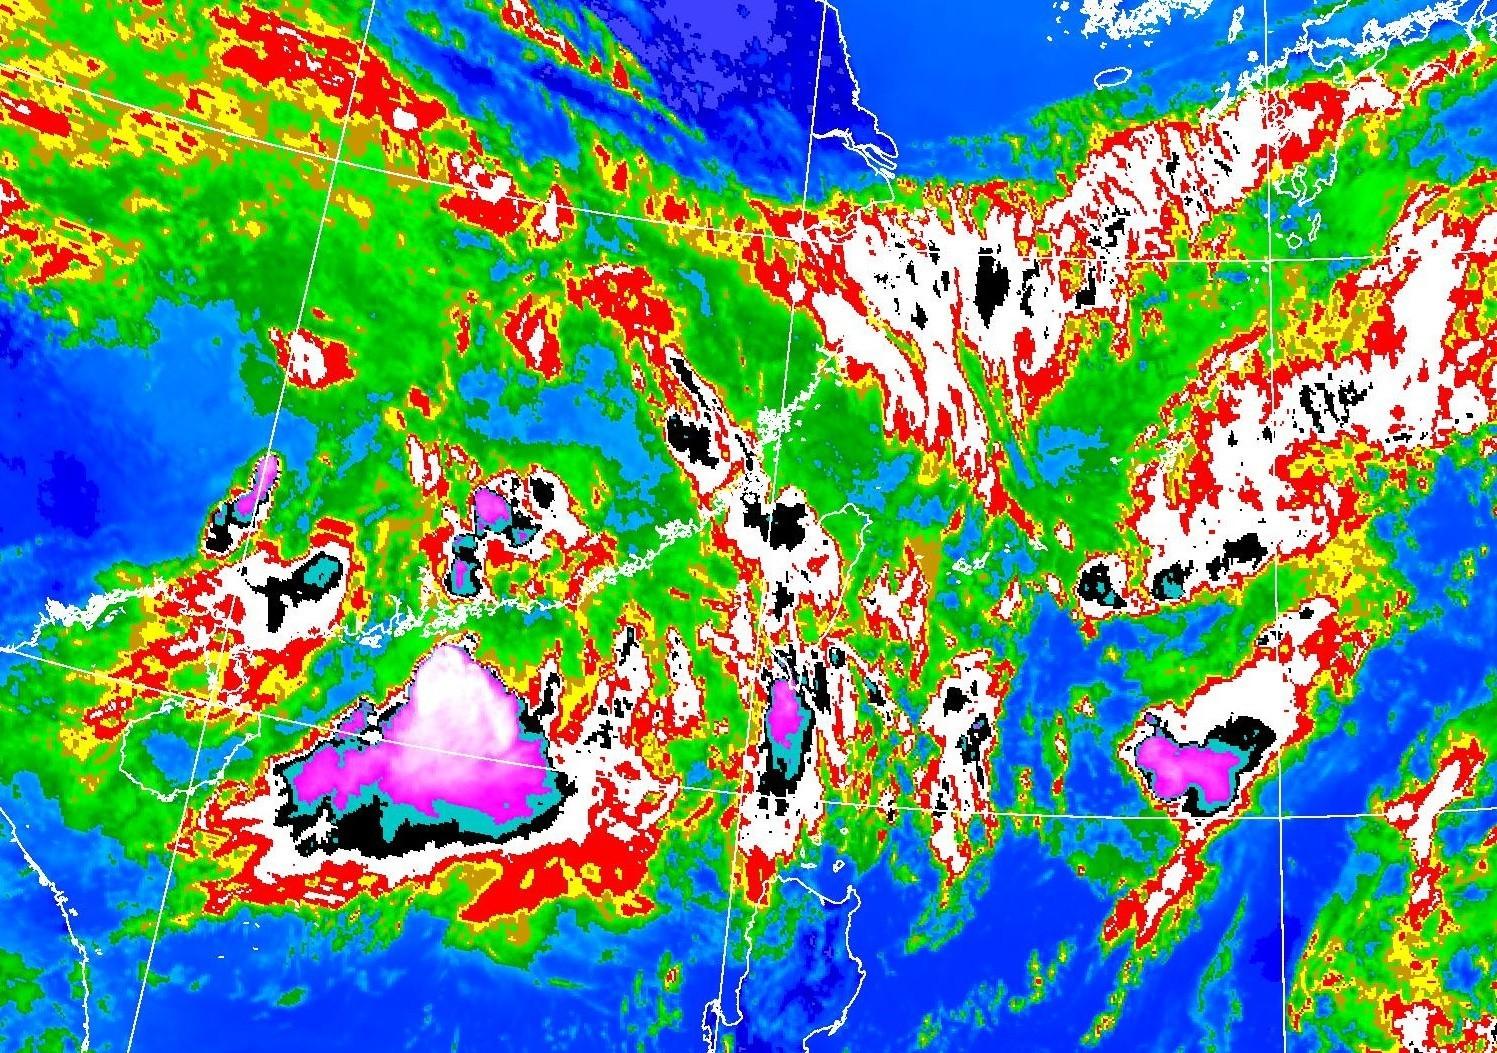 梅雨重頭戲登場!5縣市發警報「致災性豪雨襲來」連下4天 氣象專家呼籲:「下周又有鋒面要來」 - 讀讀